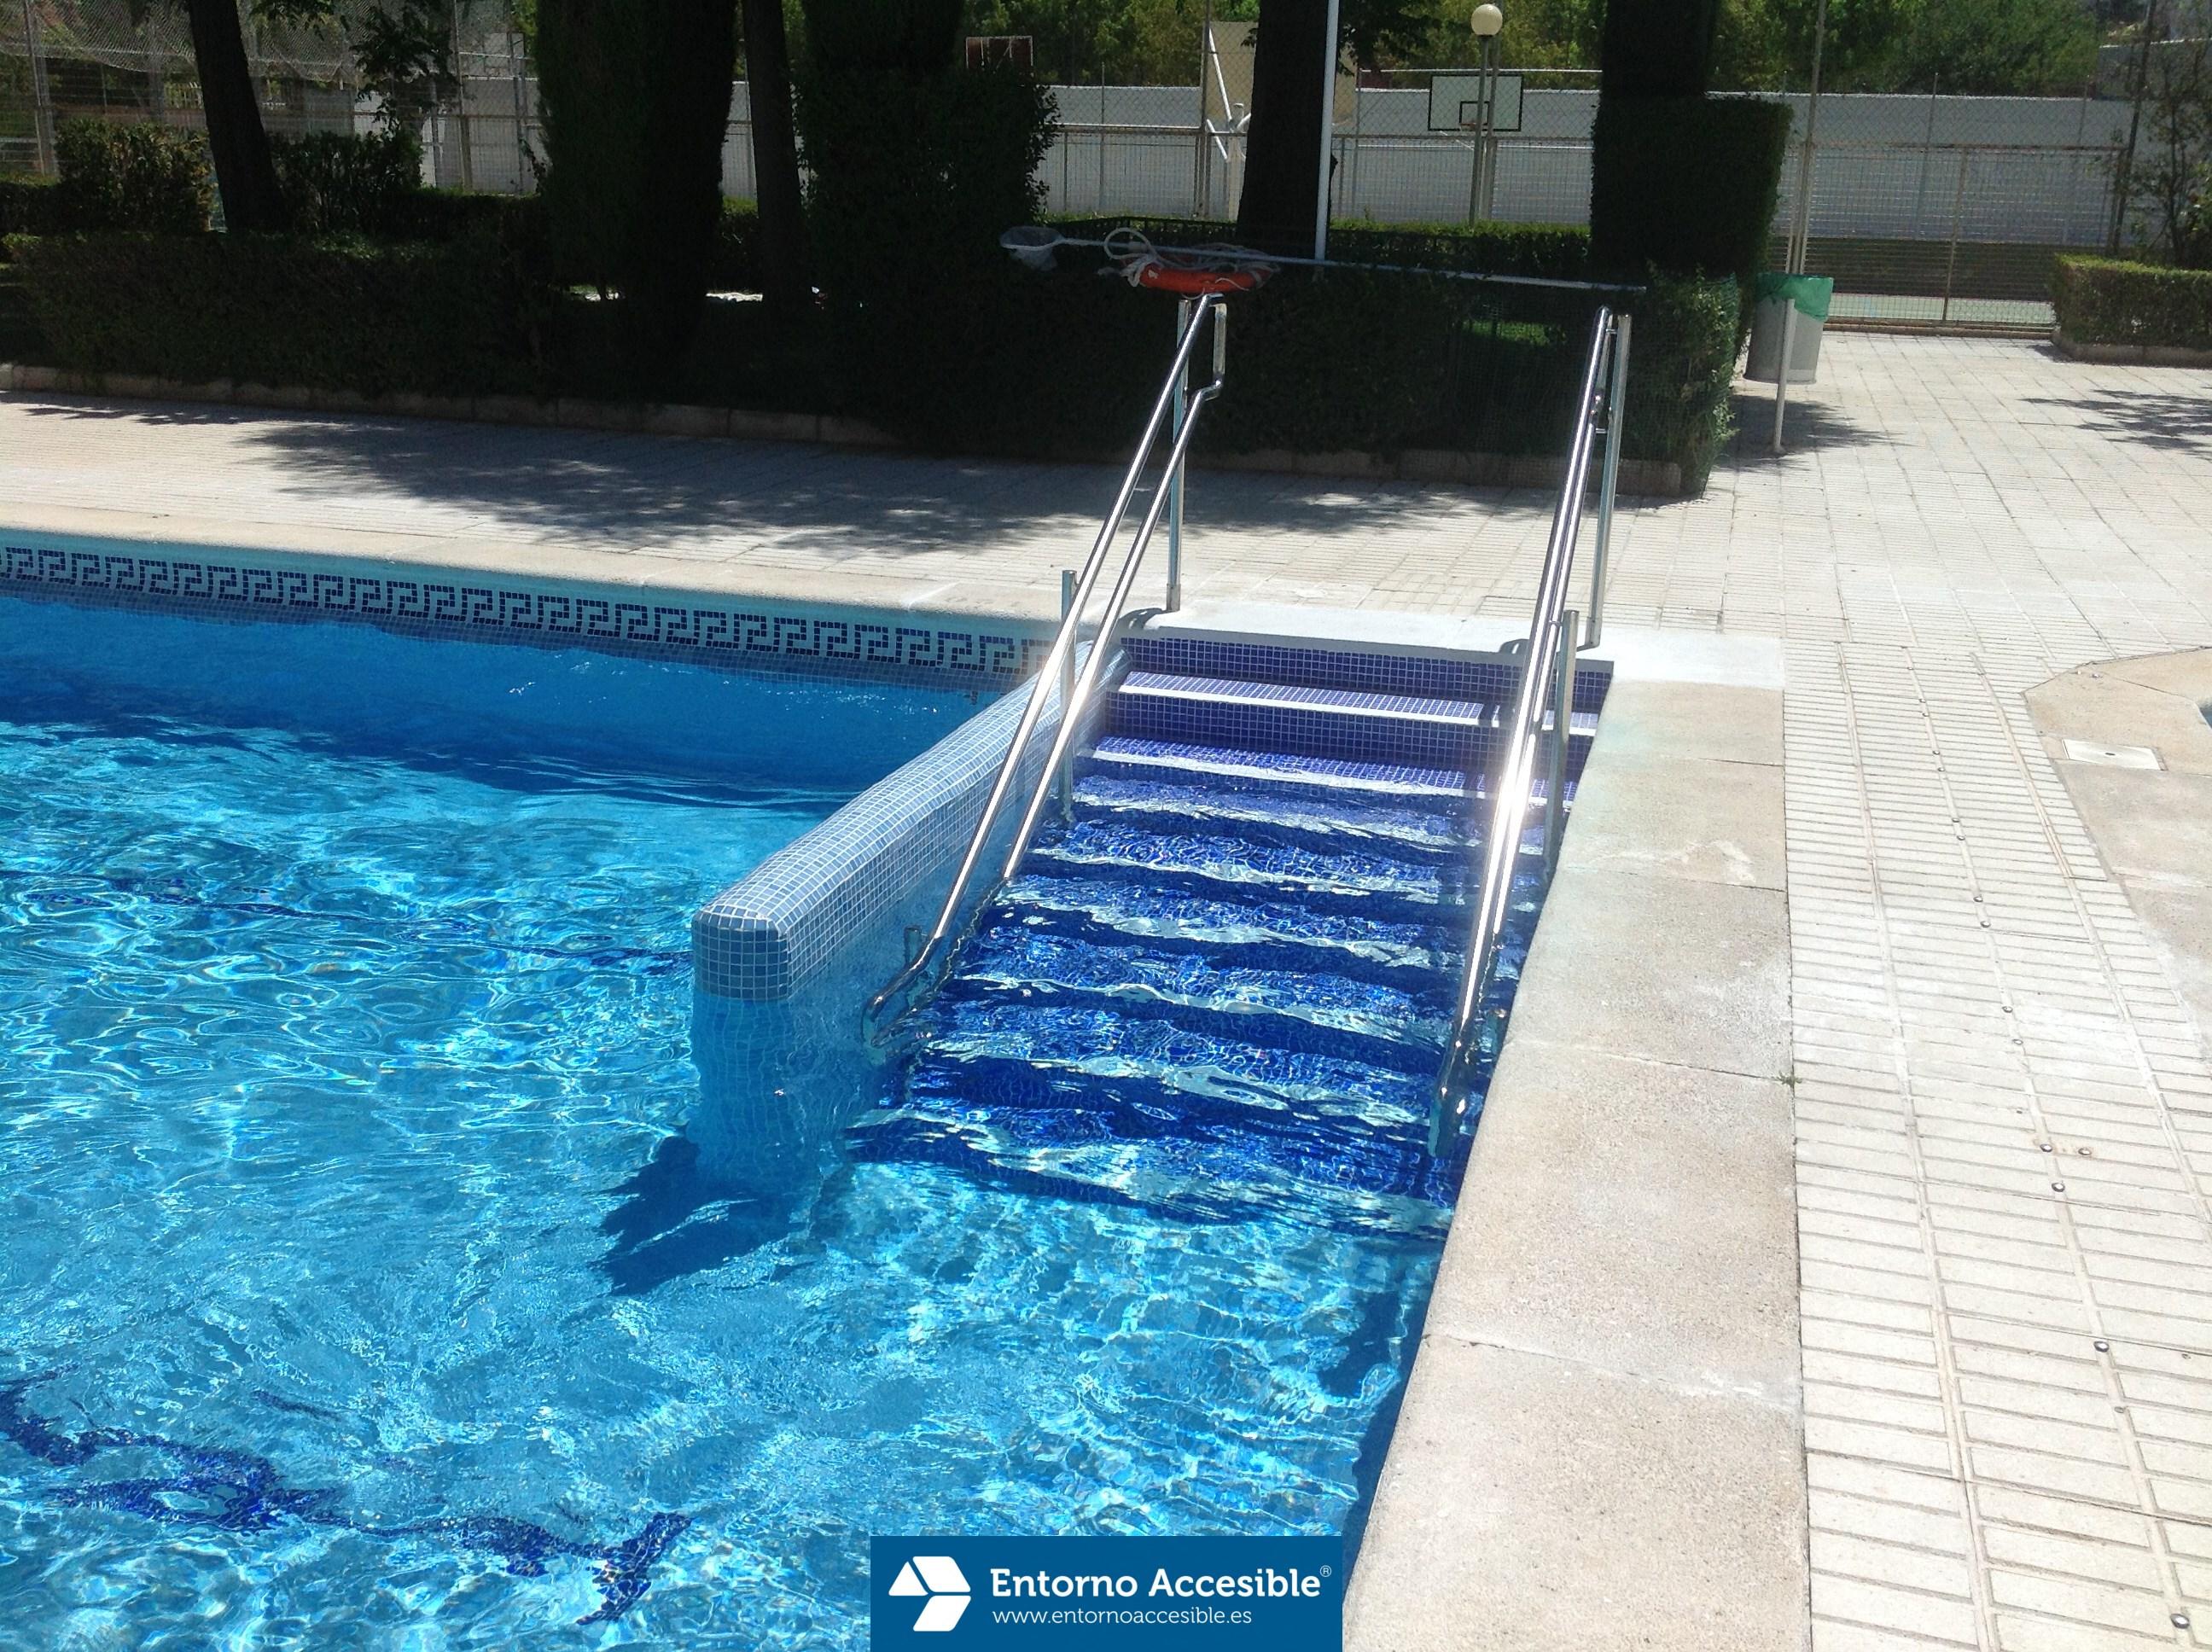 Construcci n de escalera accesible para acceso a piscina - Escaleras de piscina ...